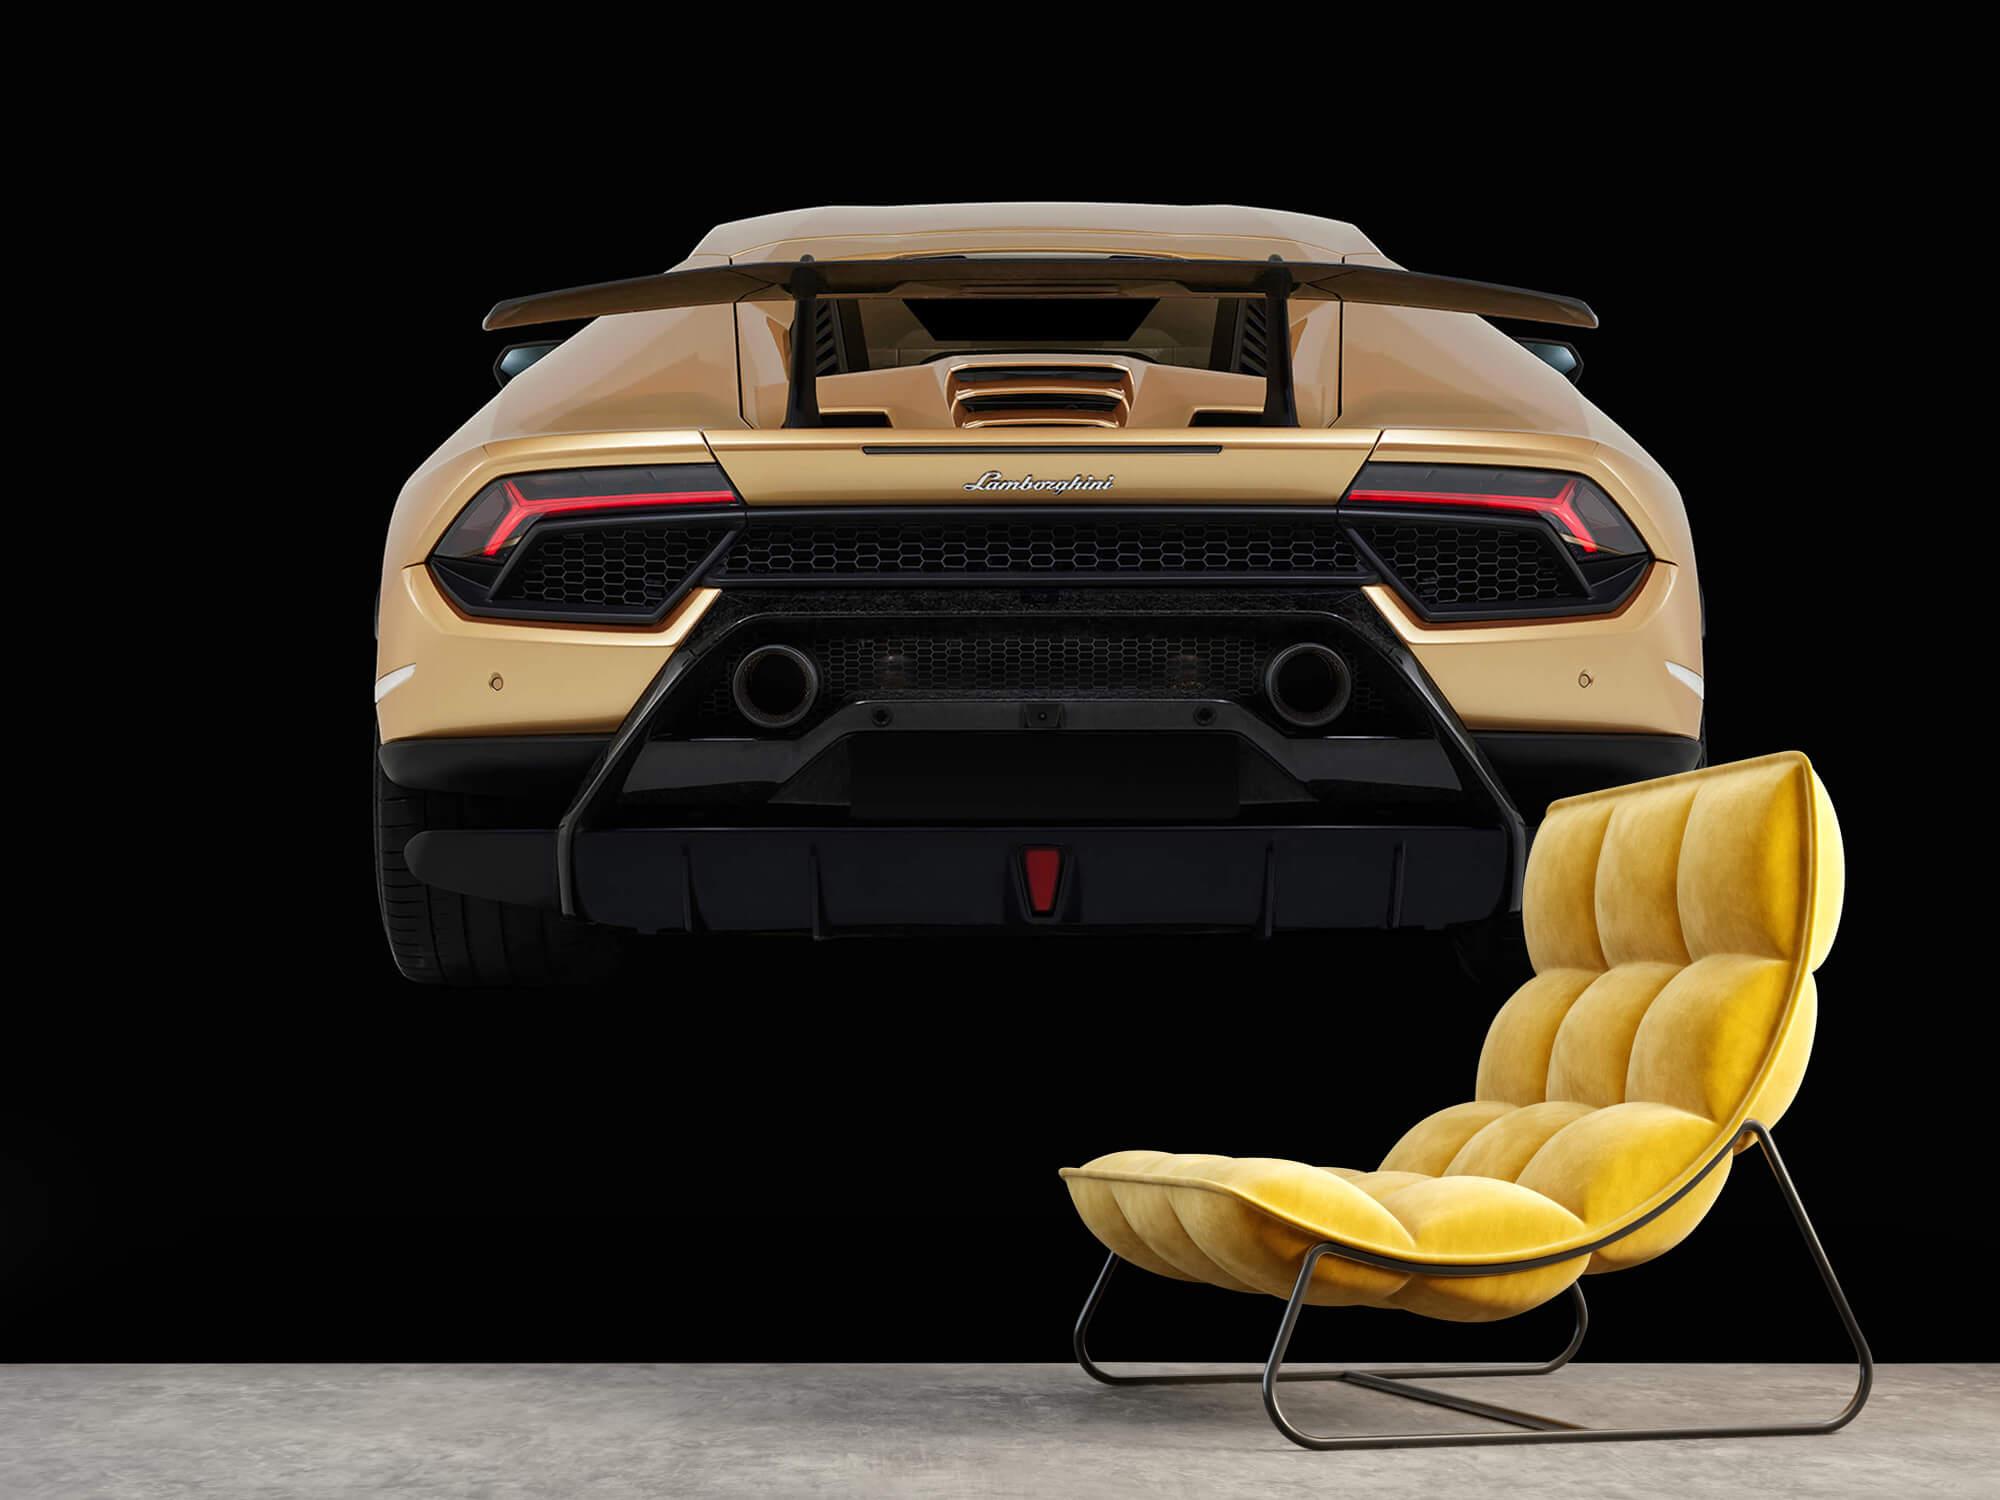 Wallpaper Lamborghini Huracán - Bak, svart 10